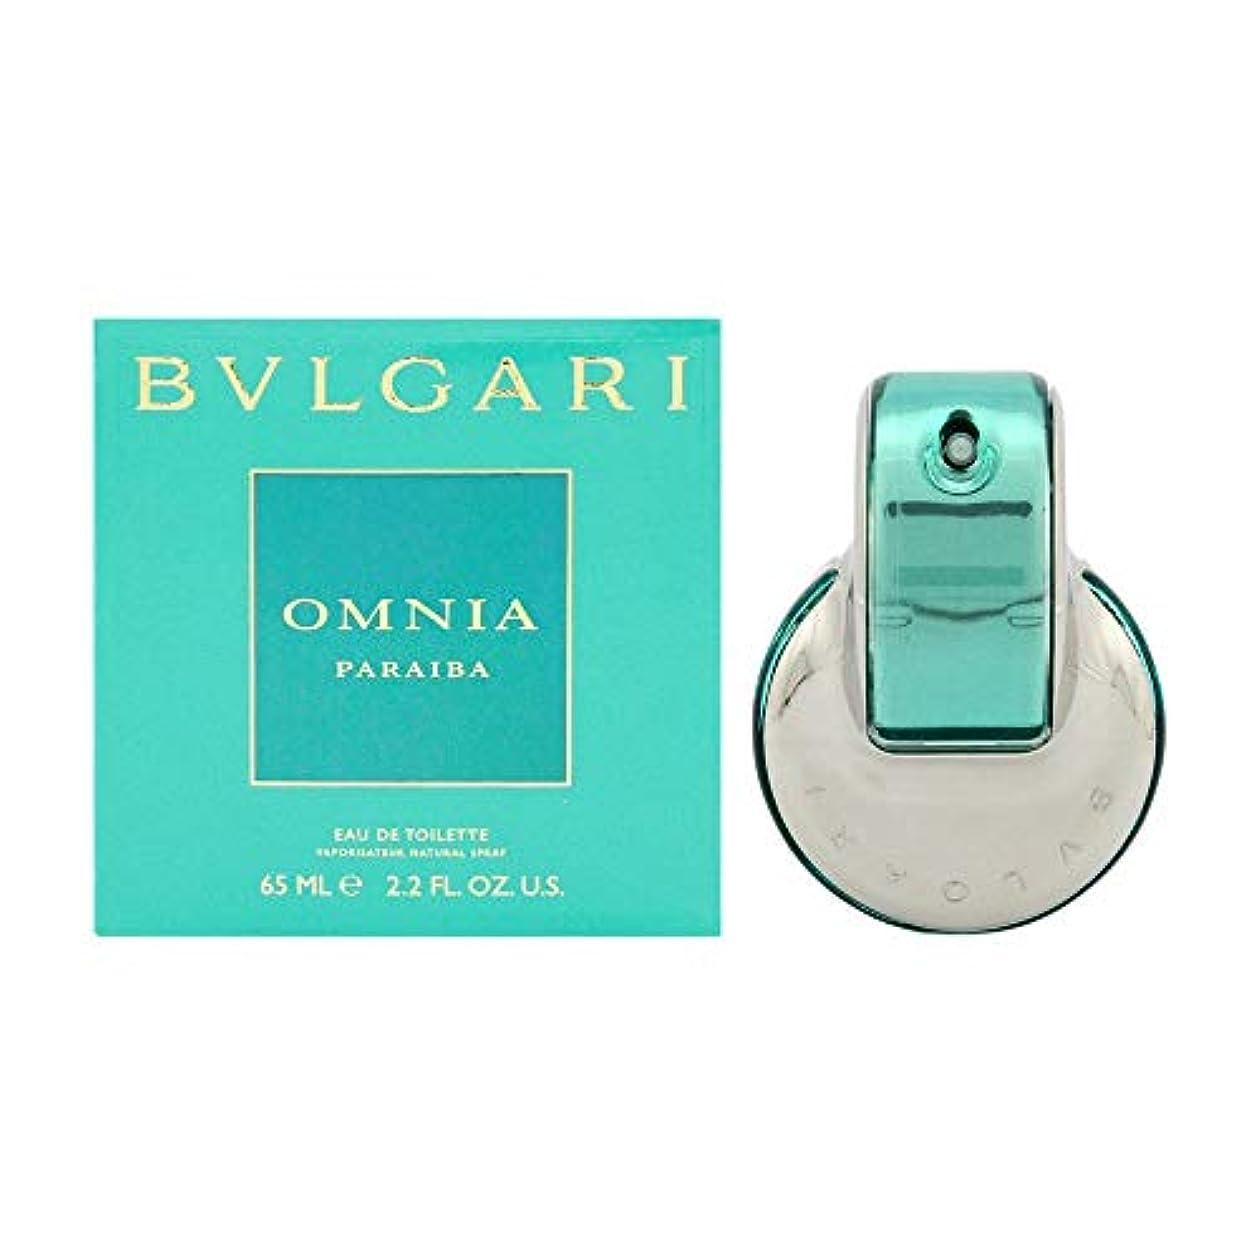 傷跡克服する調停するBVLGARI ブルガリ オムニアパライバ 65ml EDT レディース 香水 [並行輸入品]